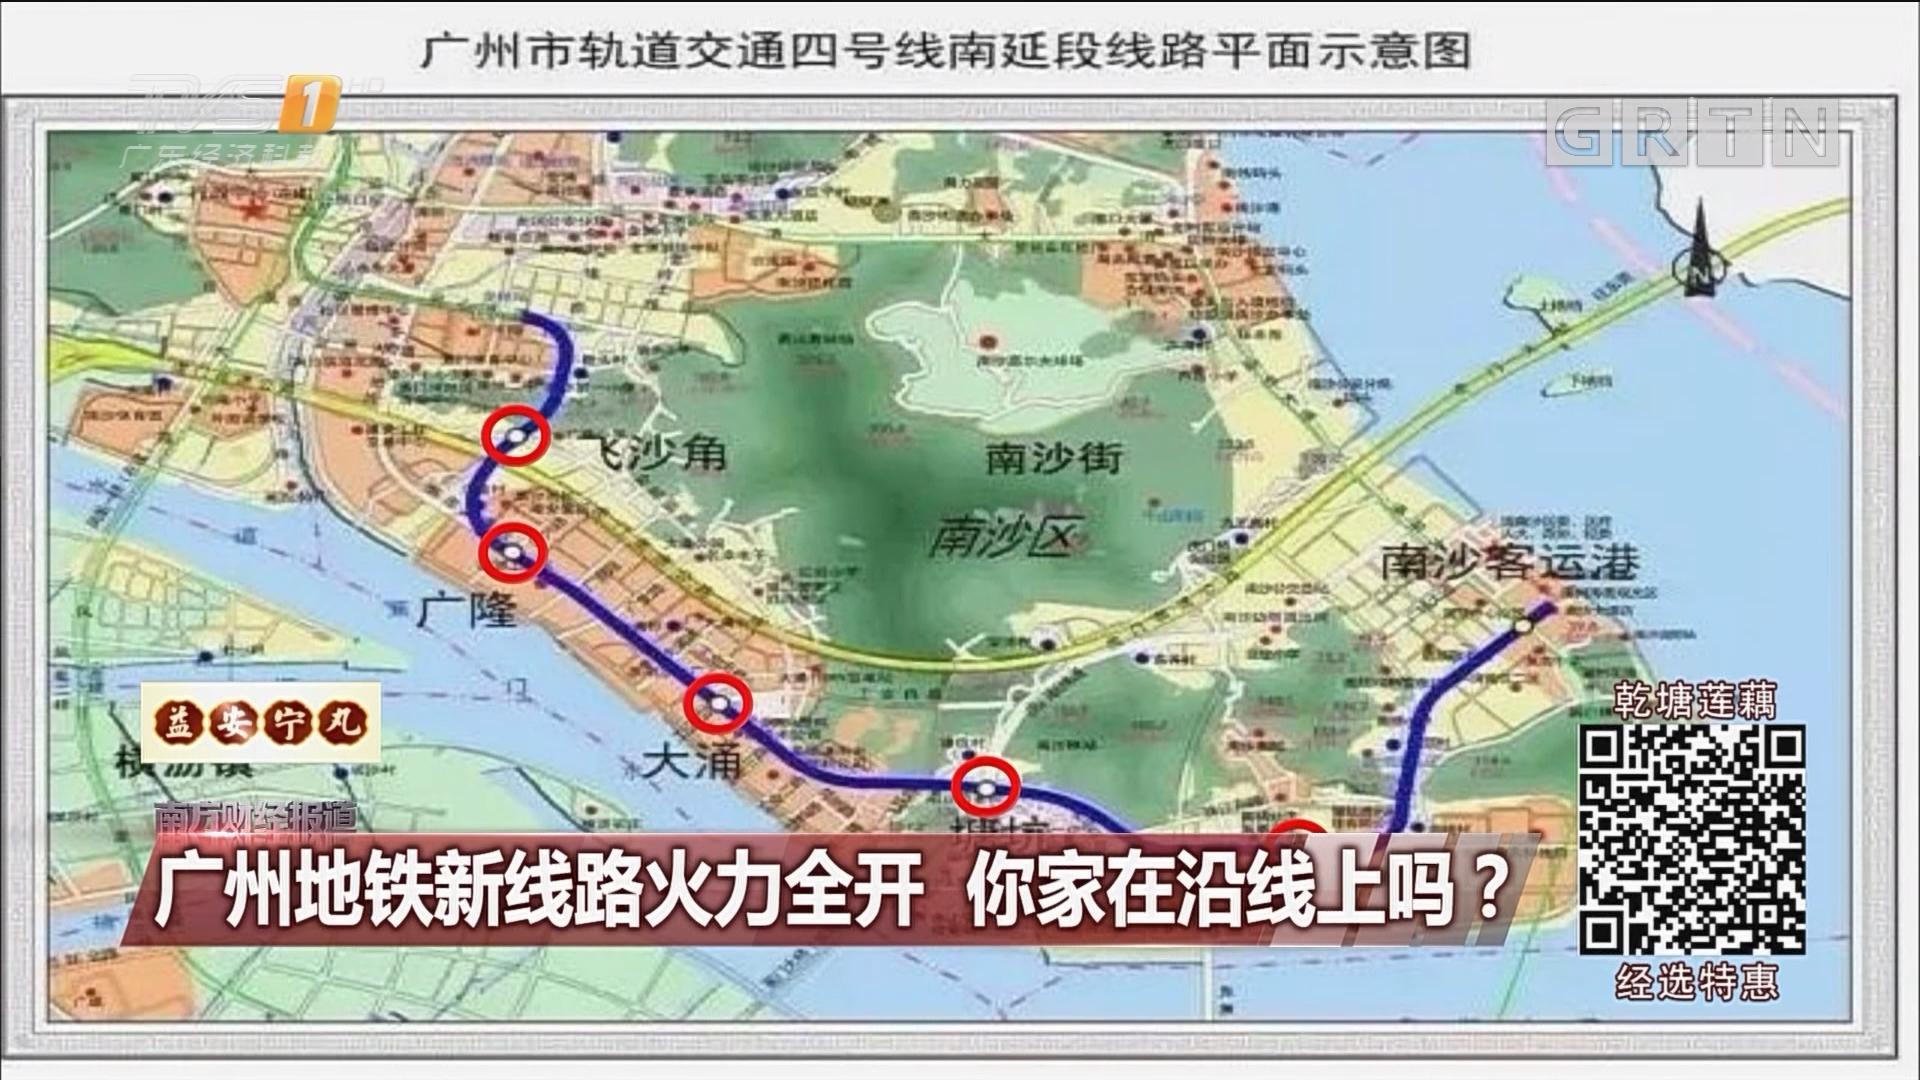 广州地铁新线路火力全开 你家在沿线上吗?